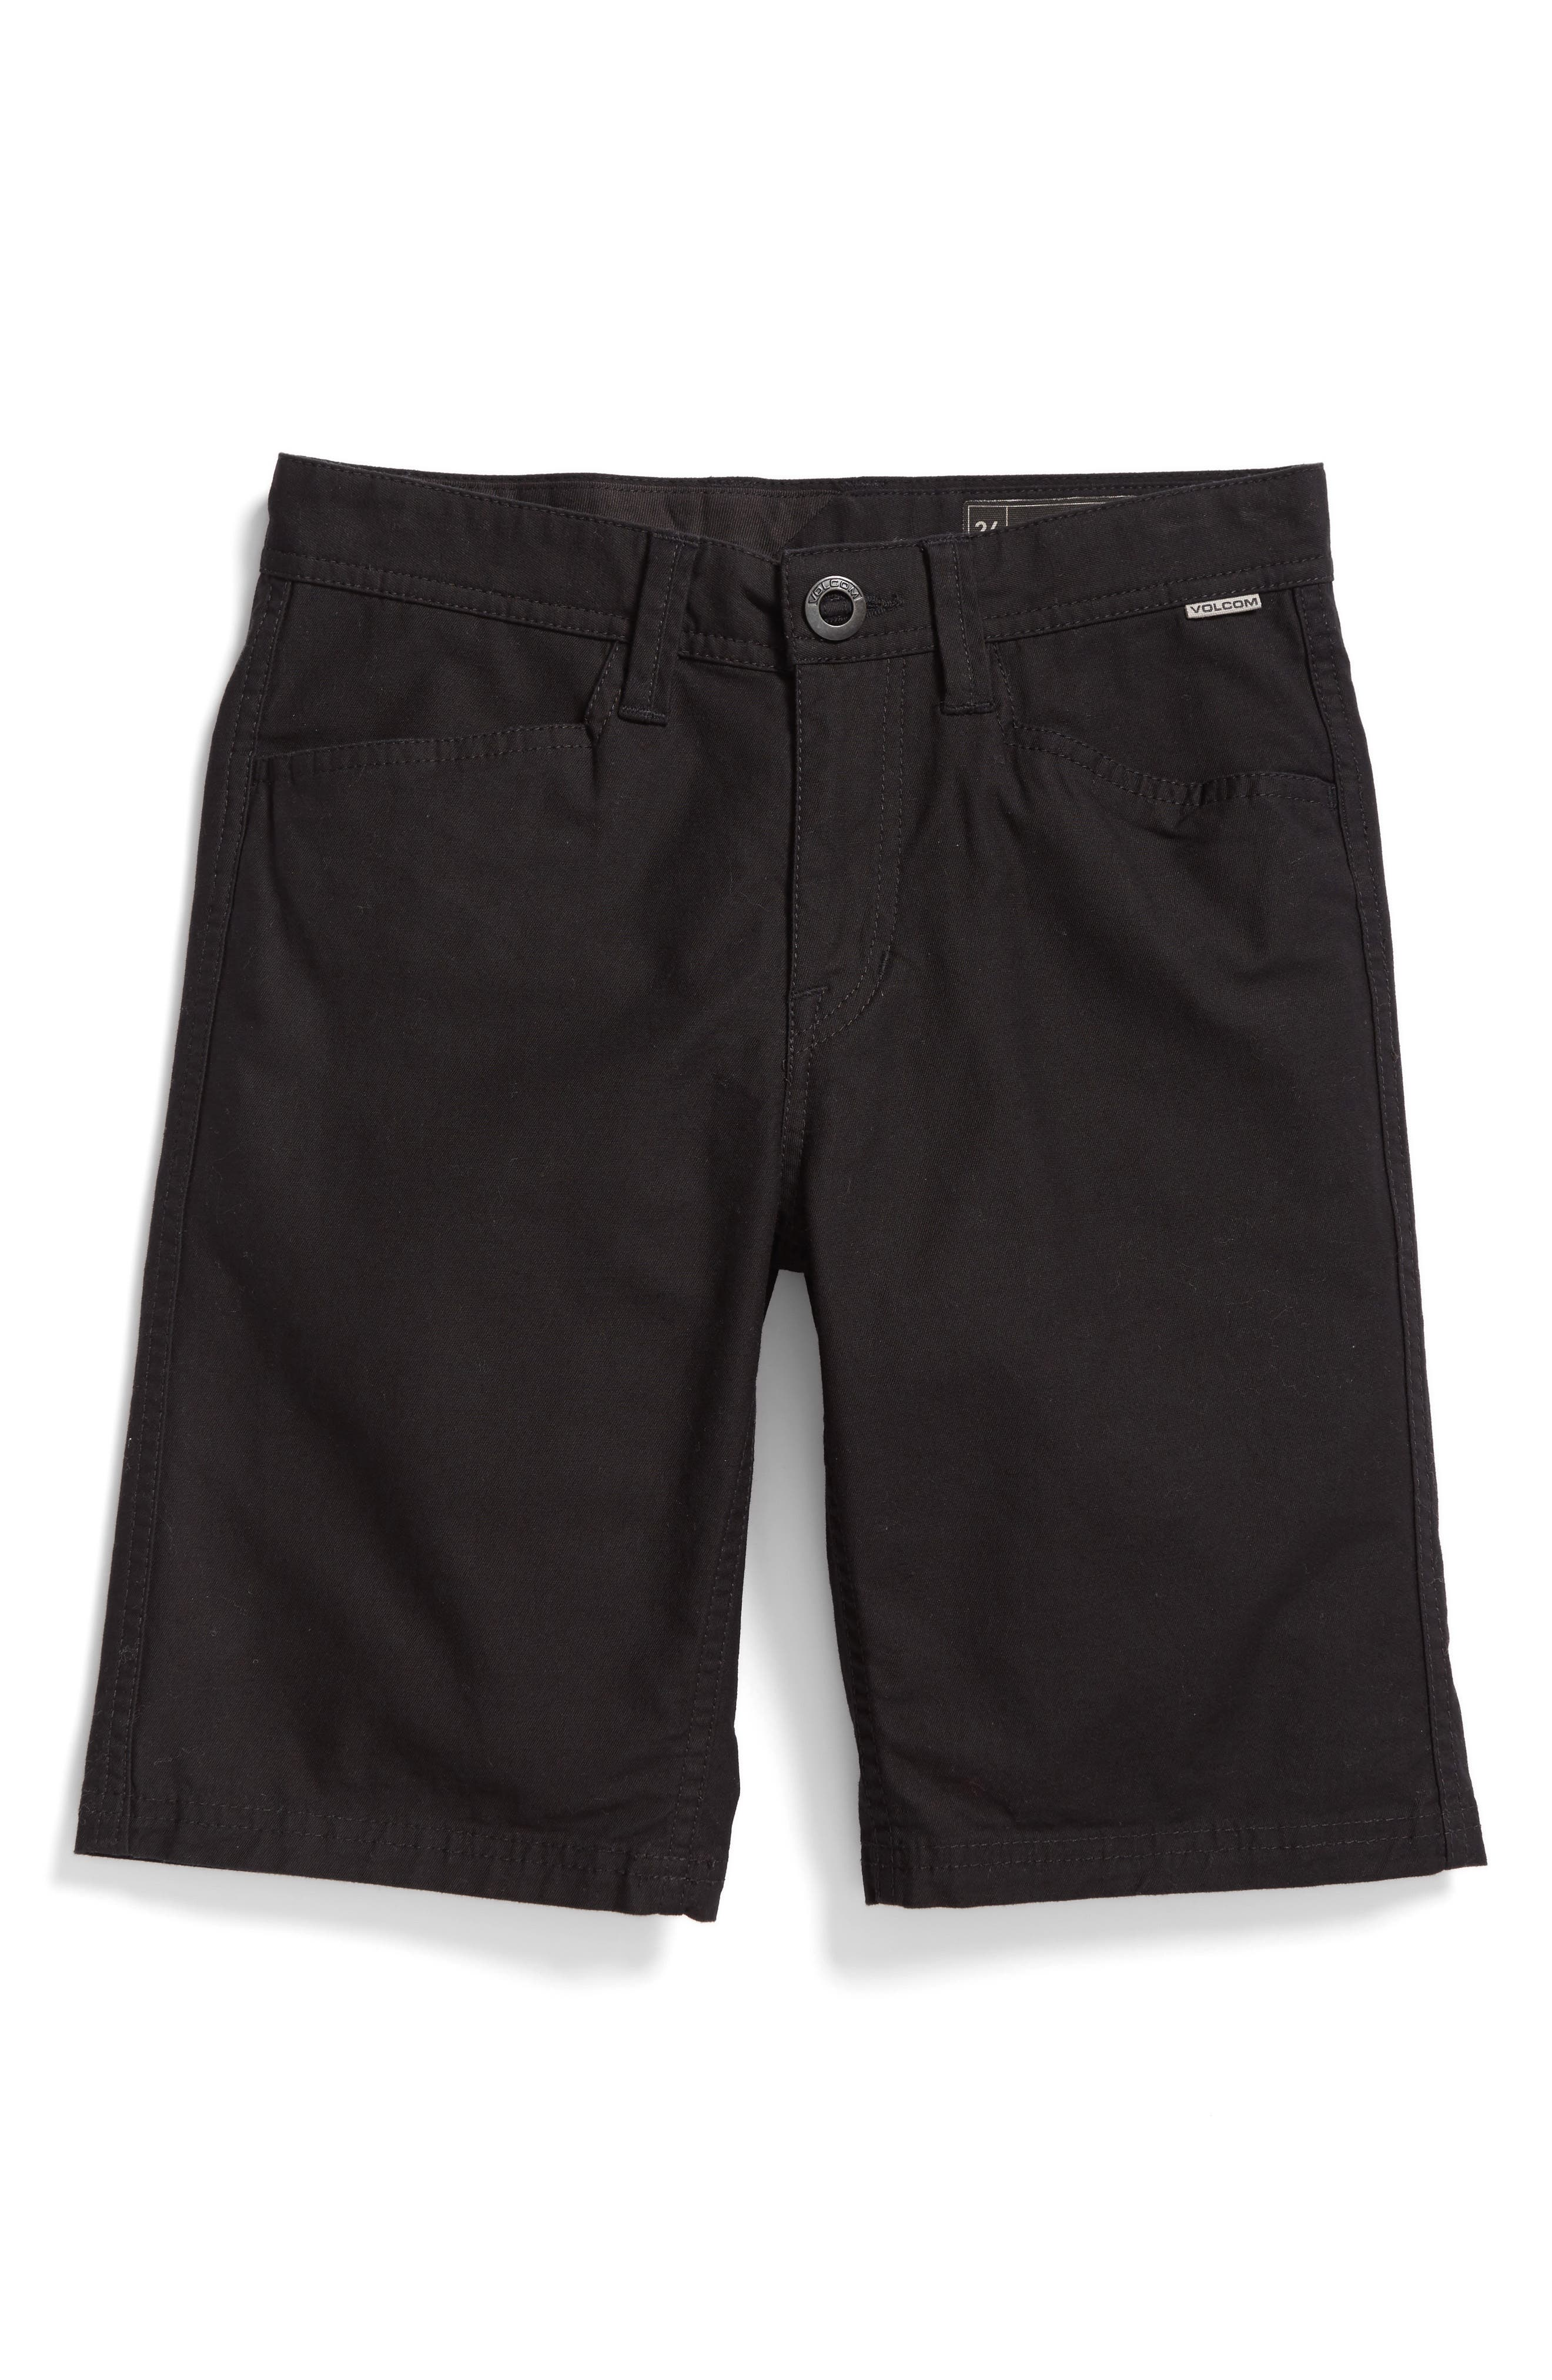 VSM Gritter Chino Shorts,                             Main thumbnail 1, color,